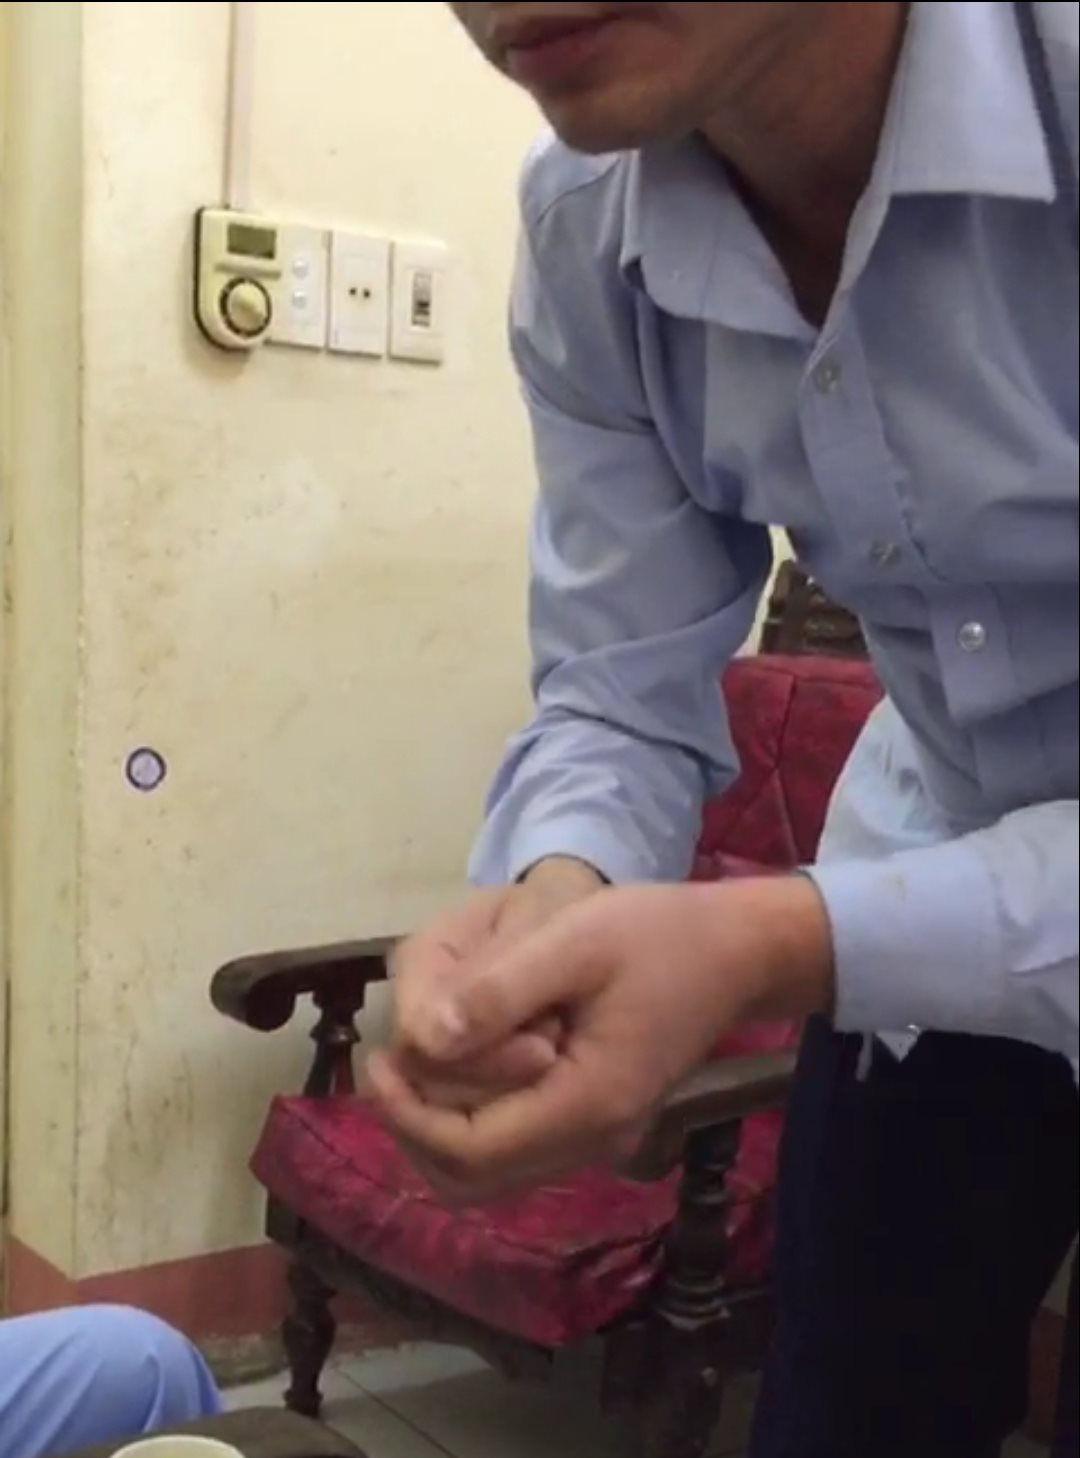 Vụ bác sĩ bị tố sàm sỡ nữ bệnh nhân 16 tuổi: Lãnh đạo bệnh viện lên tiếng - Ảnh 1